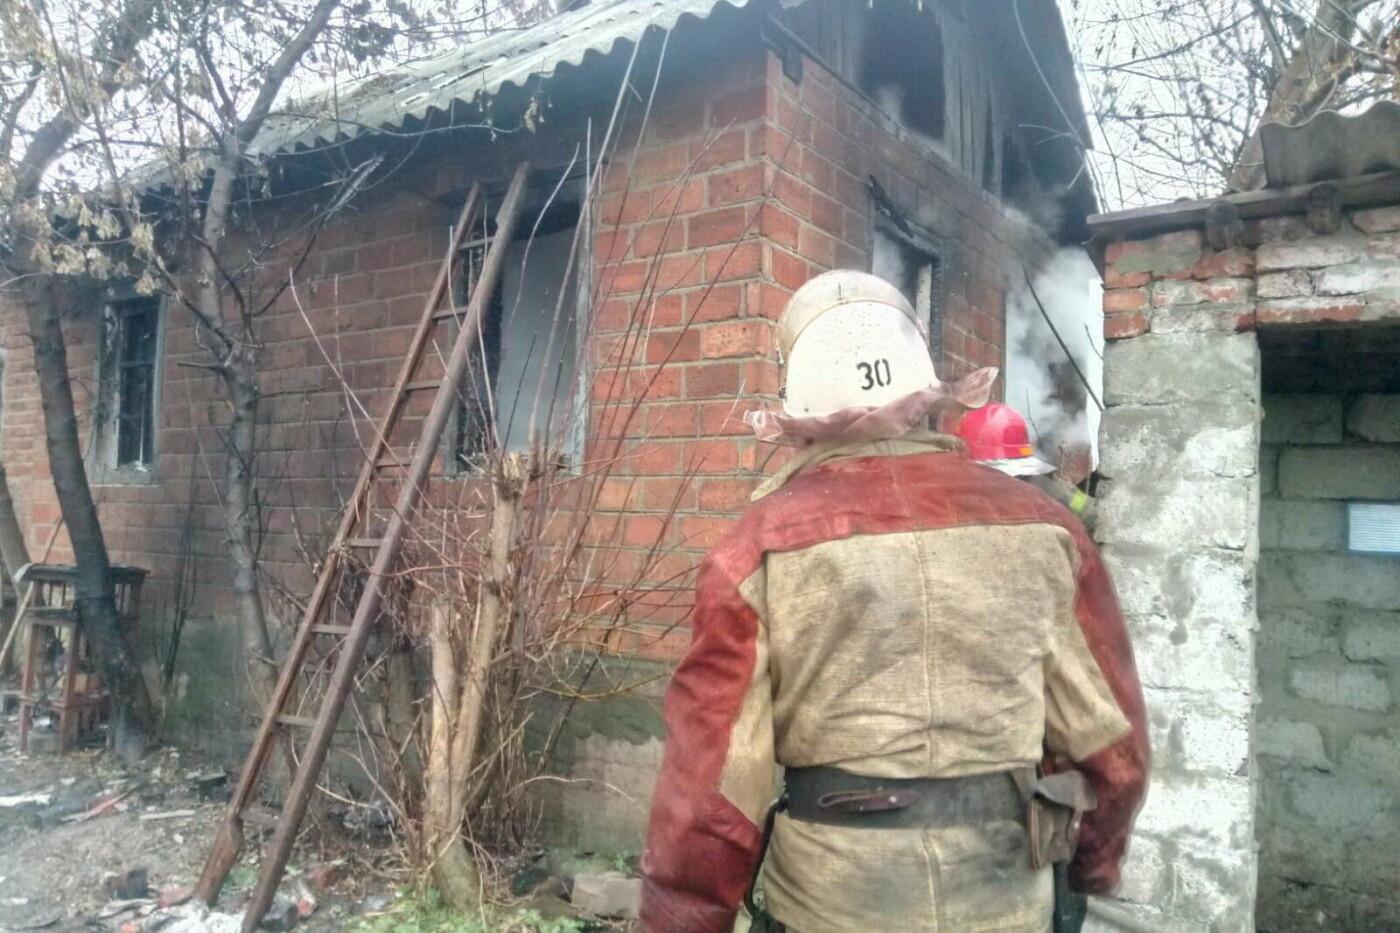 На Харьковщине загорелся частный дом: спасатели нашли труп погибшего мужчины, - ФОТО, фото-1